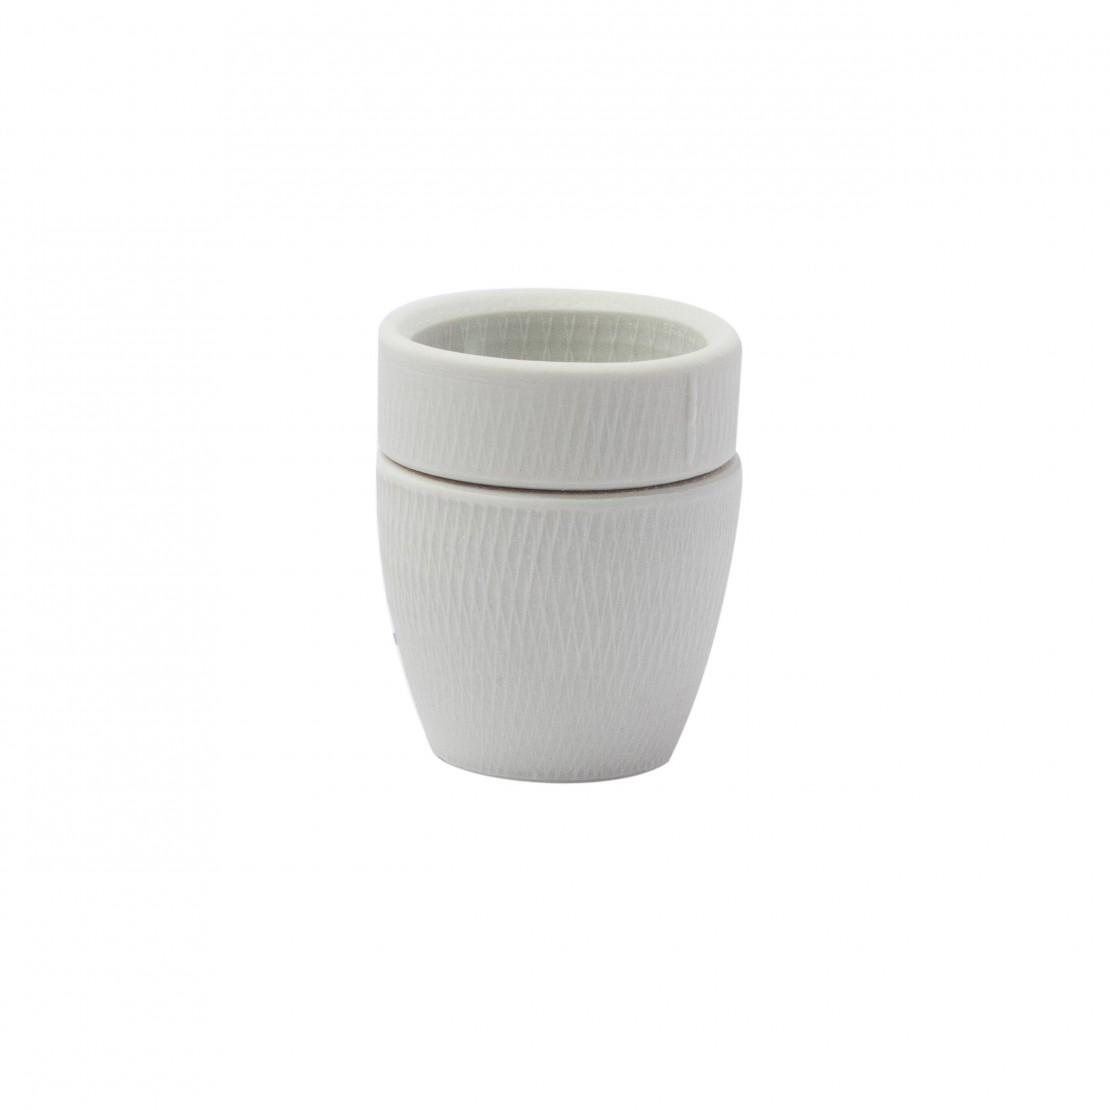 Douille porcelaine E27blanc